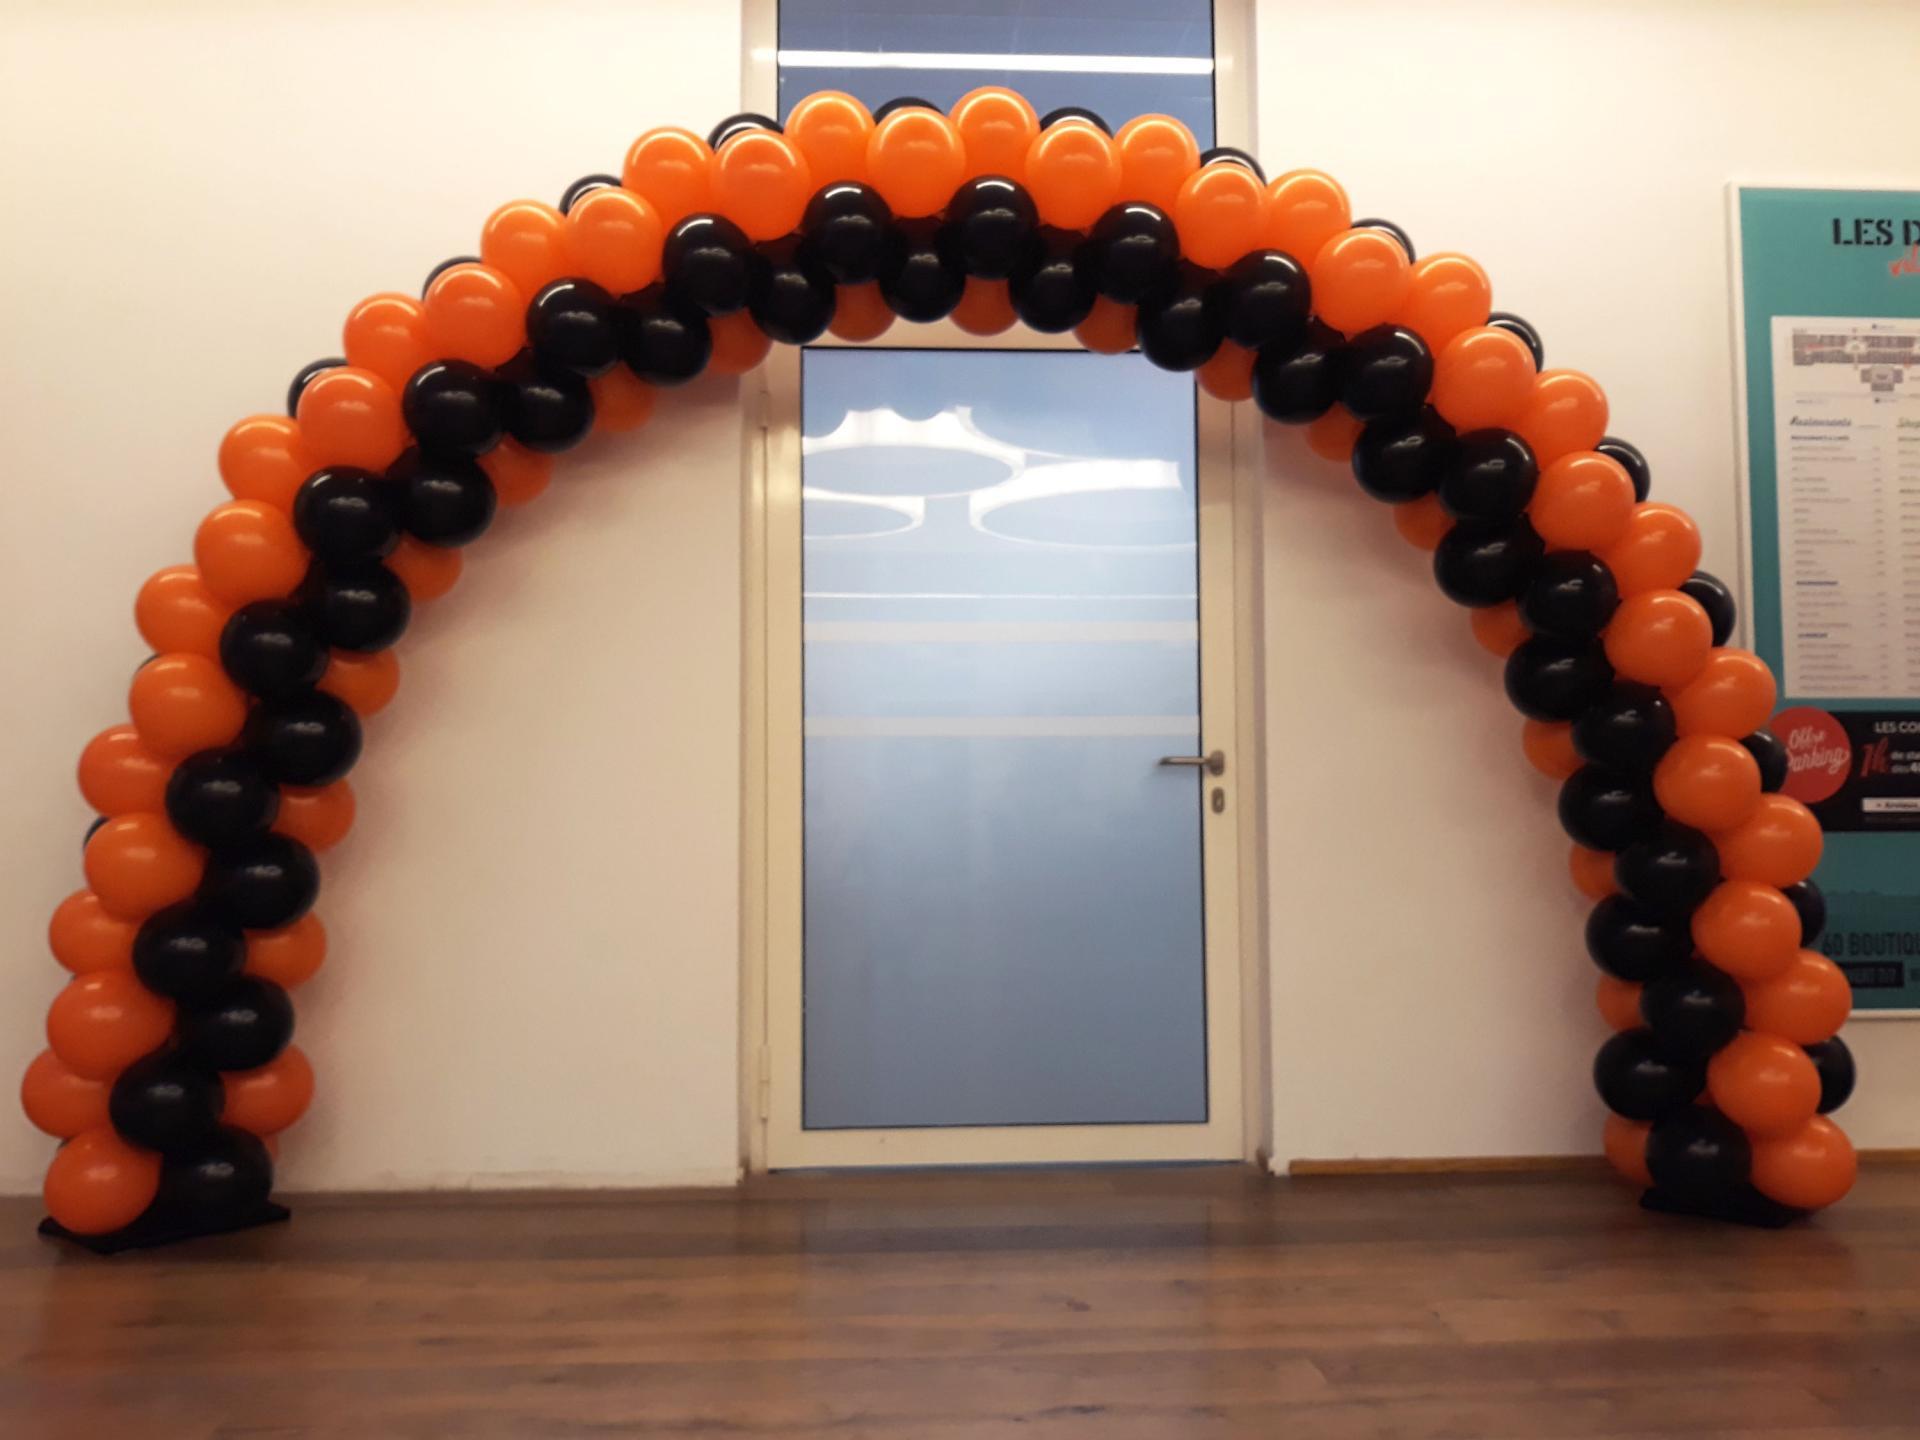 Arche Ballons 2 couleurs orange Bank